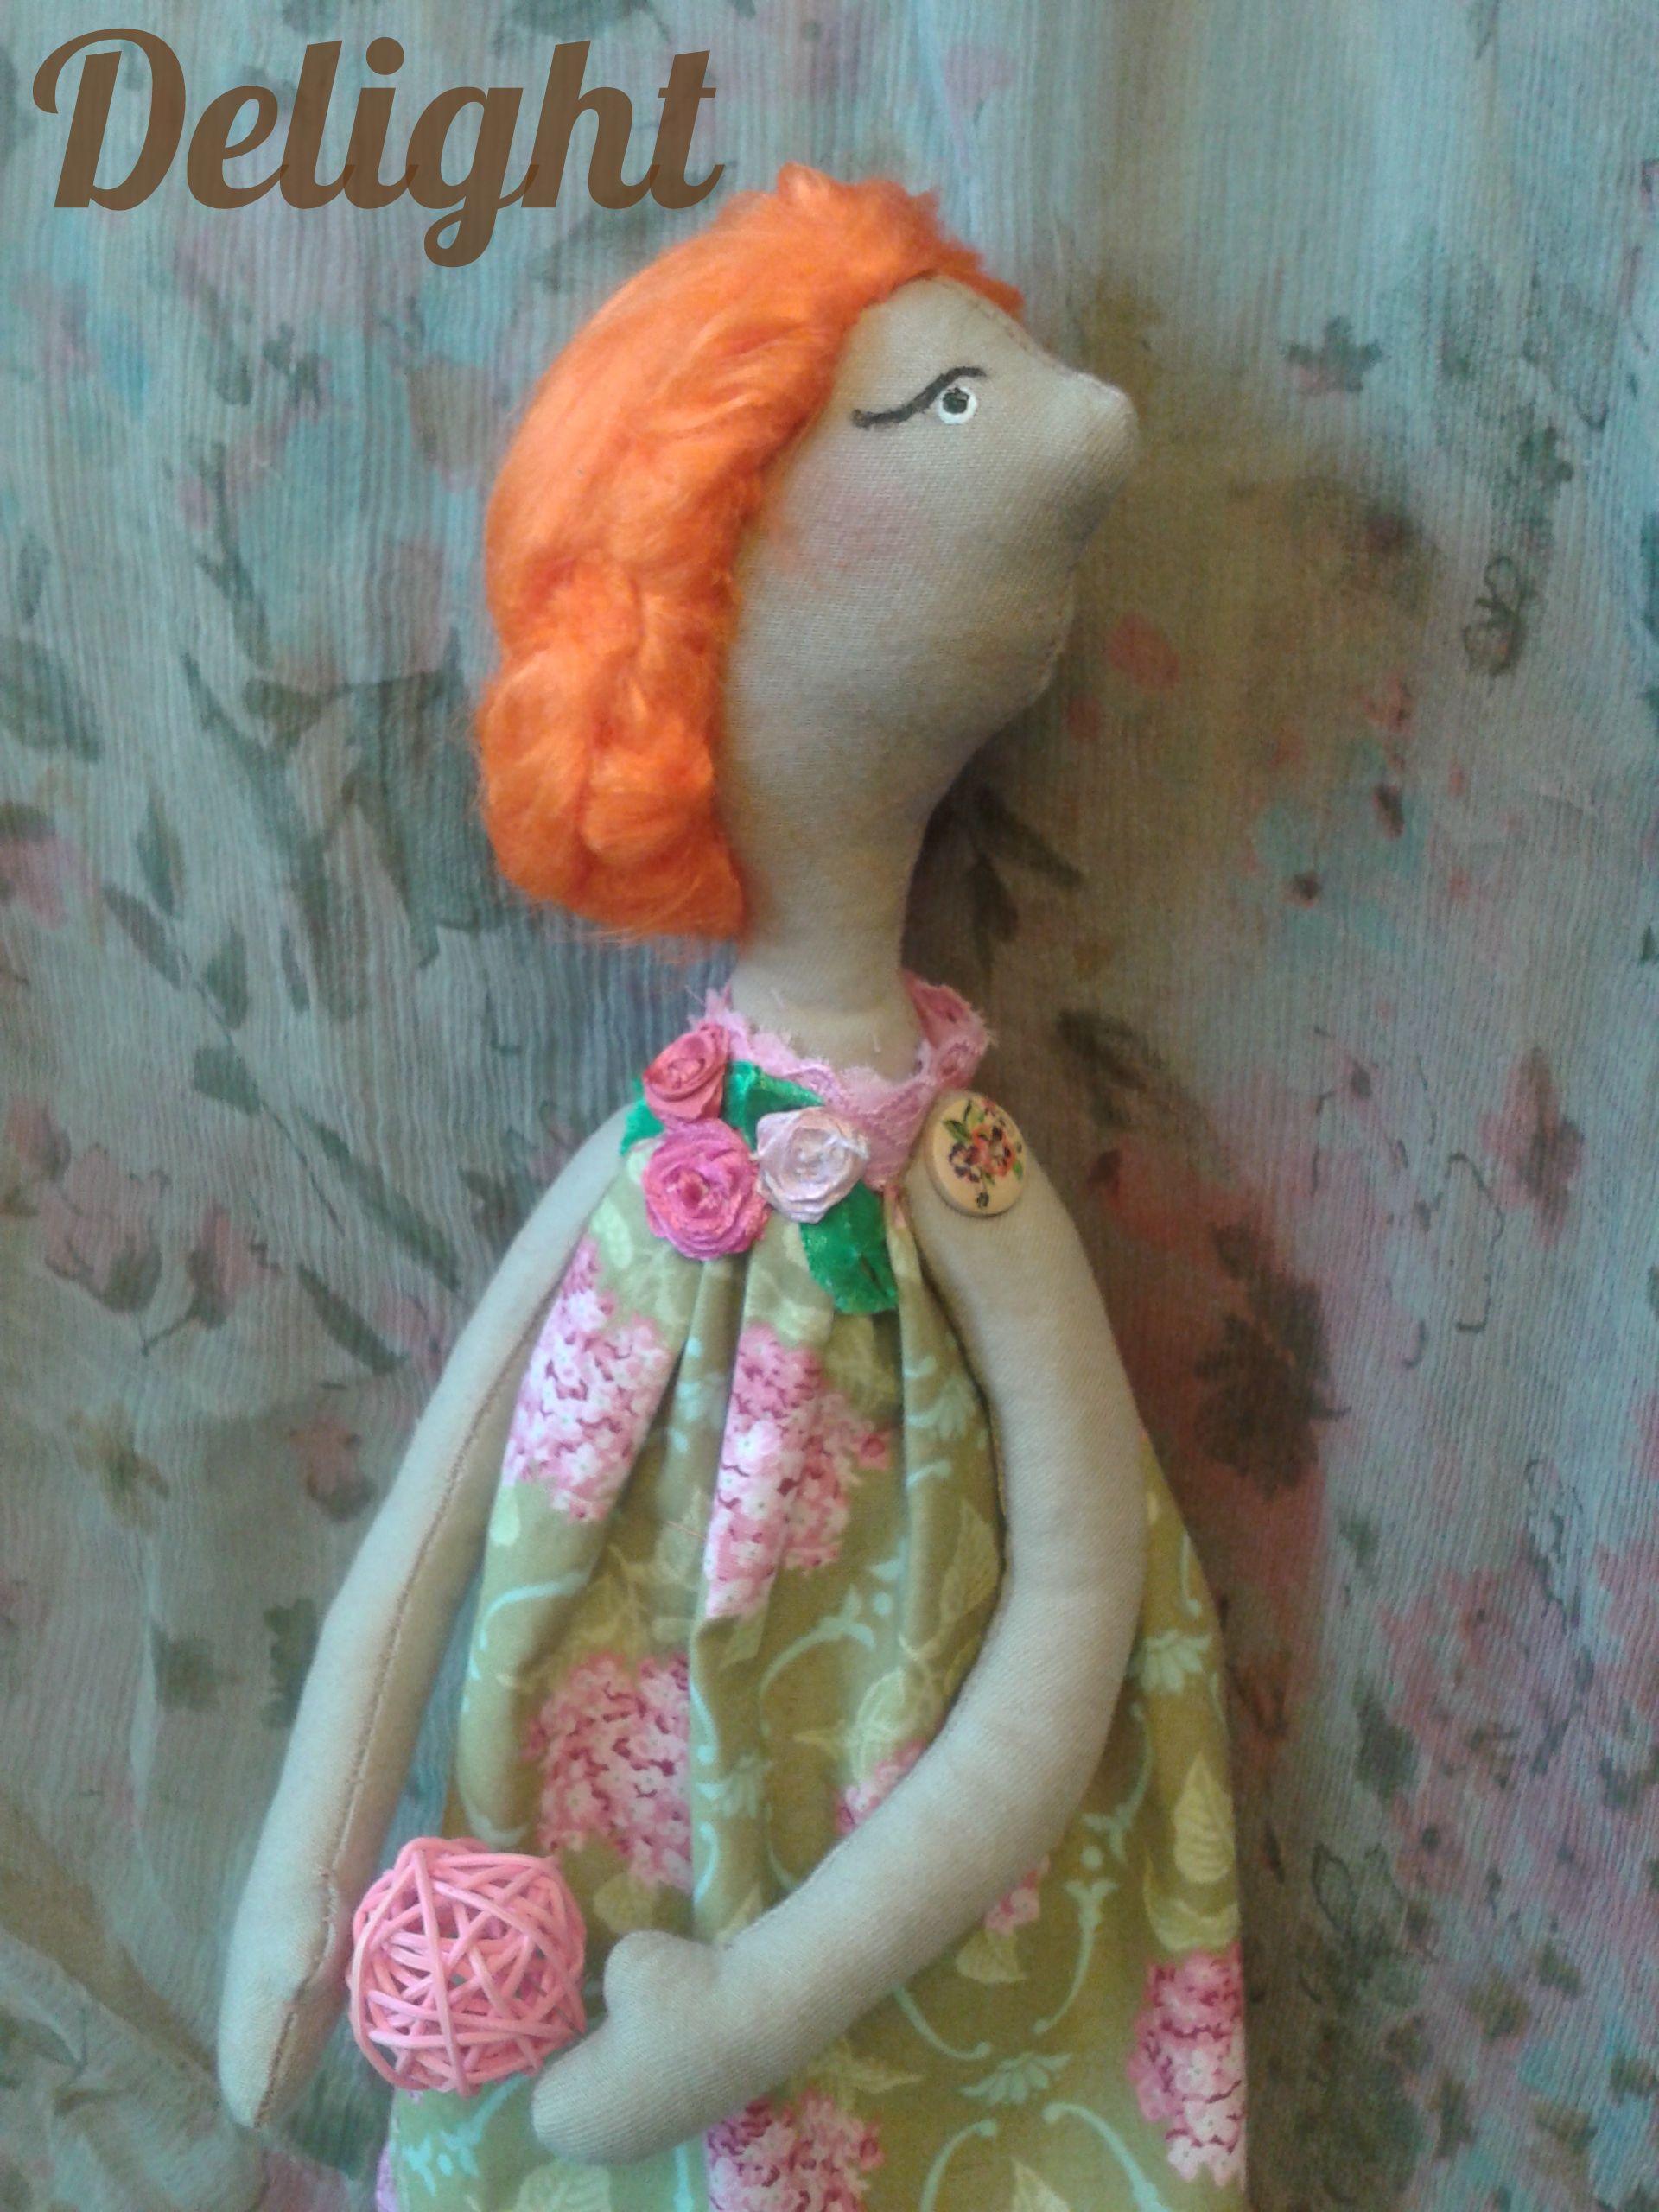 delight куклавстилетильда подарок кукла рыжая интерьер тильда оранжевый